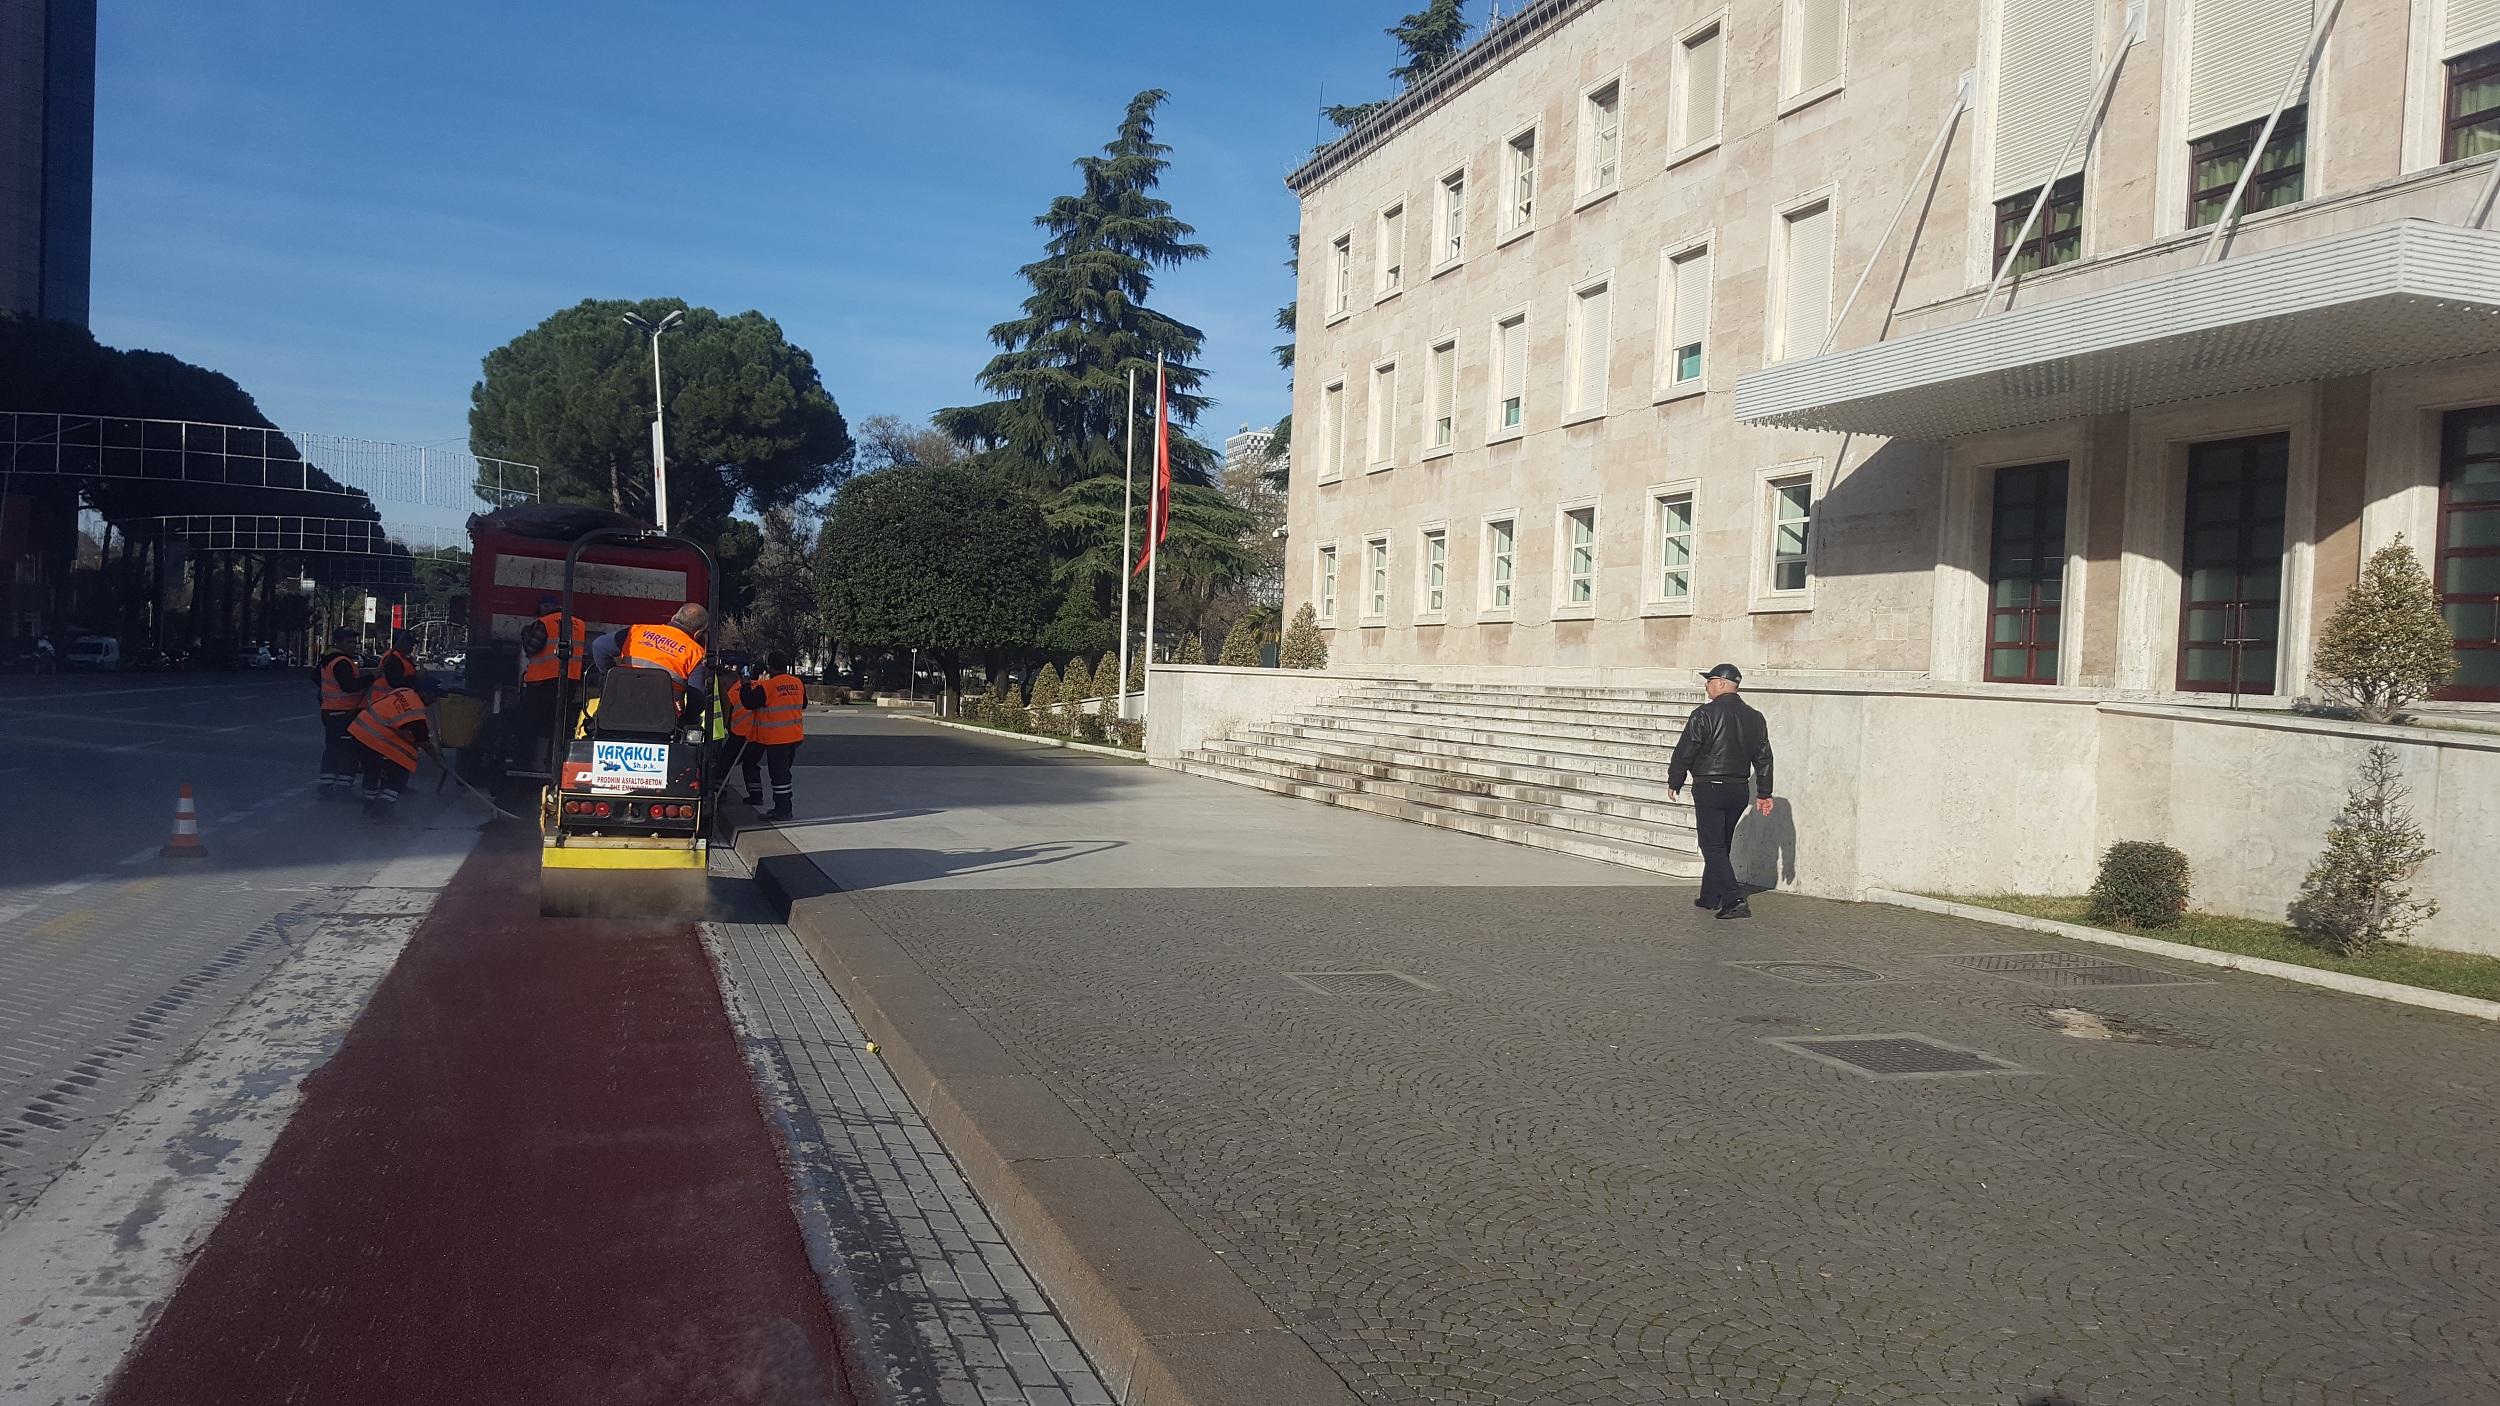 Shtrimi i korsise se bicikletave ne bulevardin Deshmoret e Kombit dhe bulevardin Zogu i Pare, Tirane